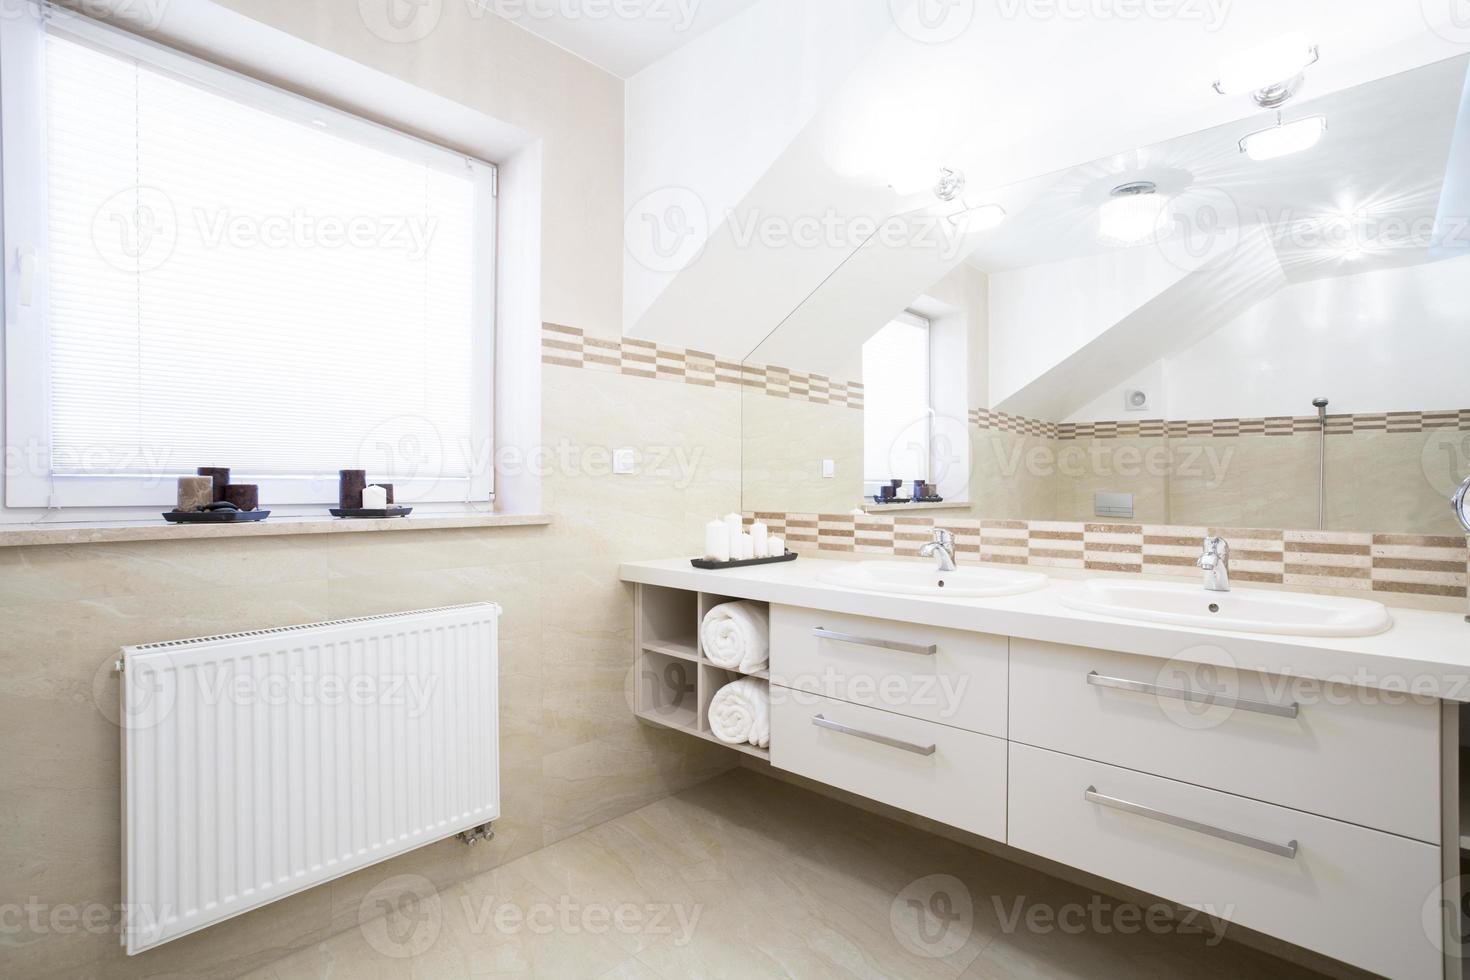 Zwei-Personen-Badezimmer im neuen Haus foto